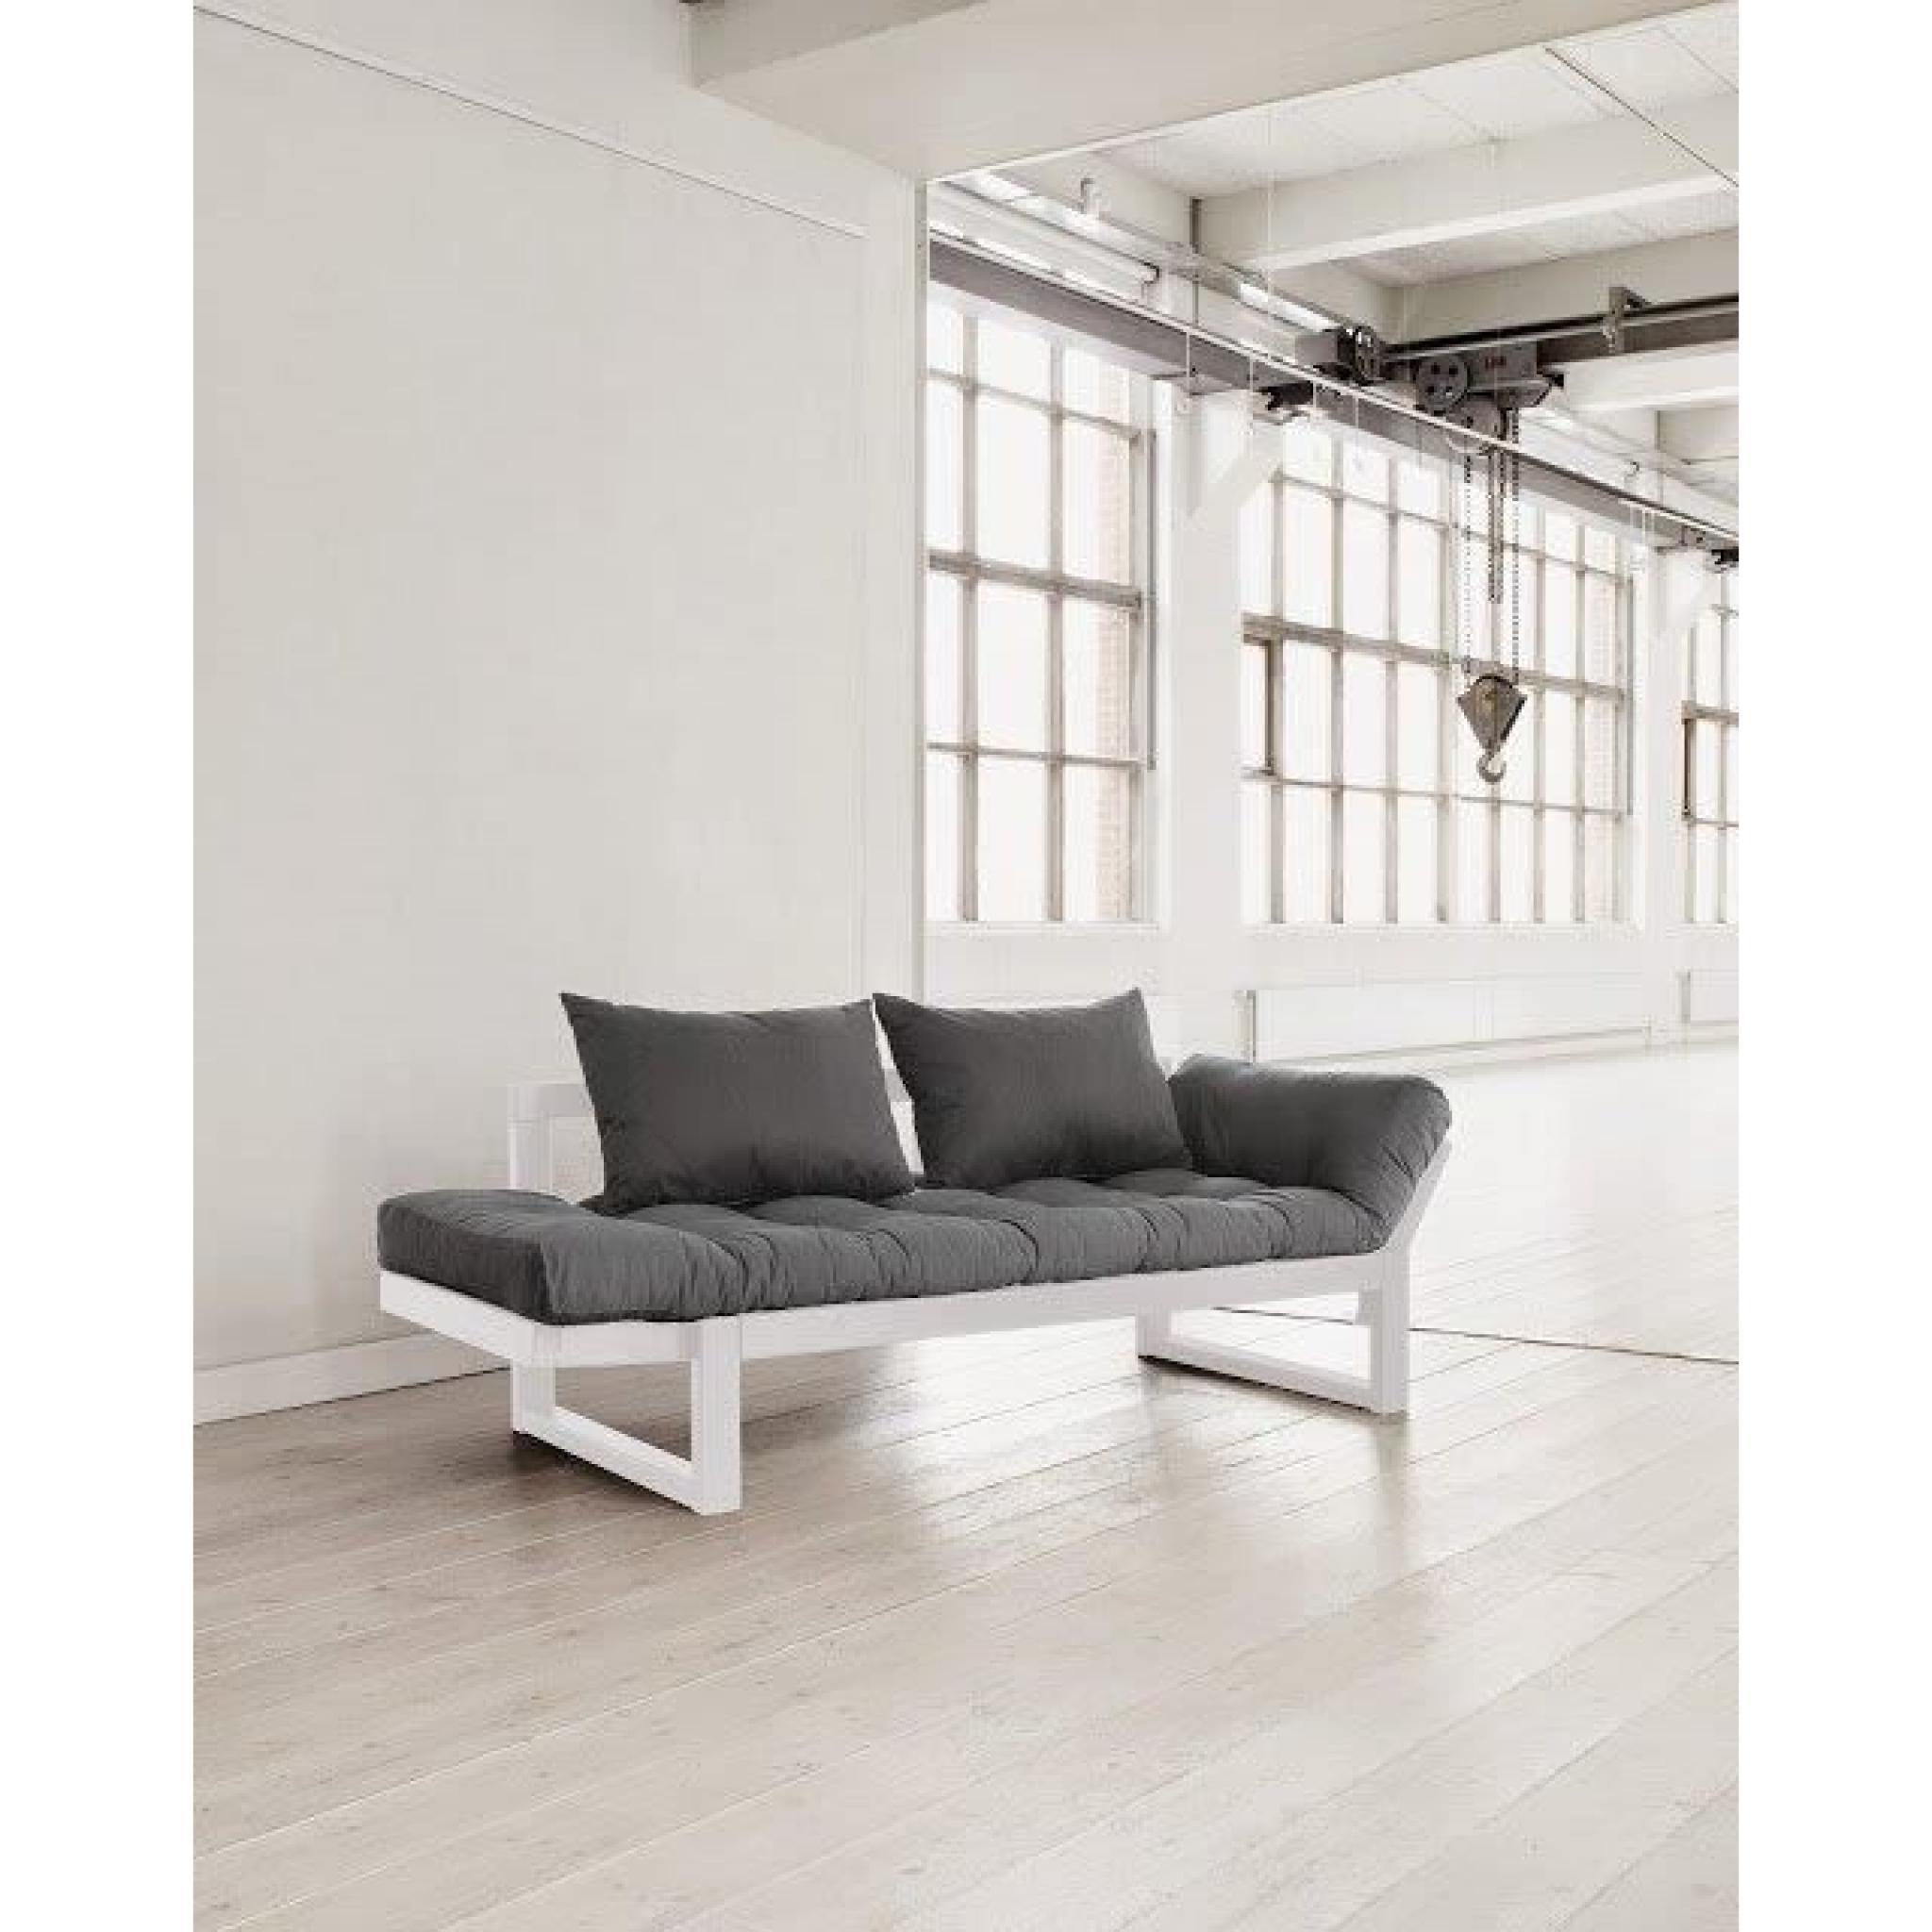 banquette m ridienne blanche futon gris edge couchage 75 200cm achat vente futon pas cher. Black Bedroom Furniture Sets. Home Design Ideas